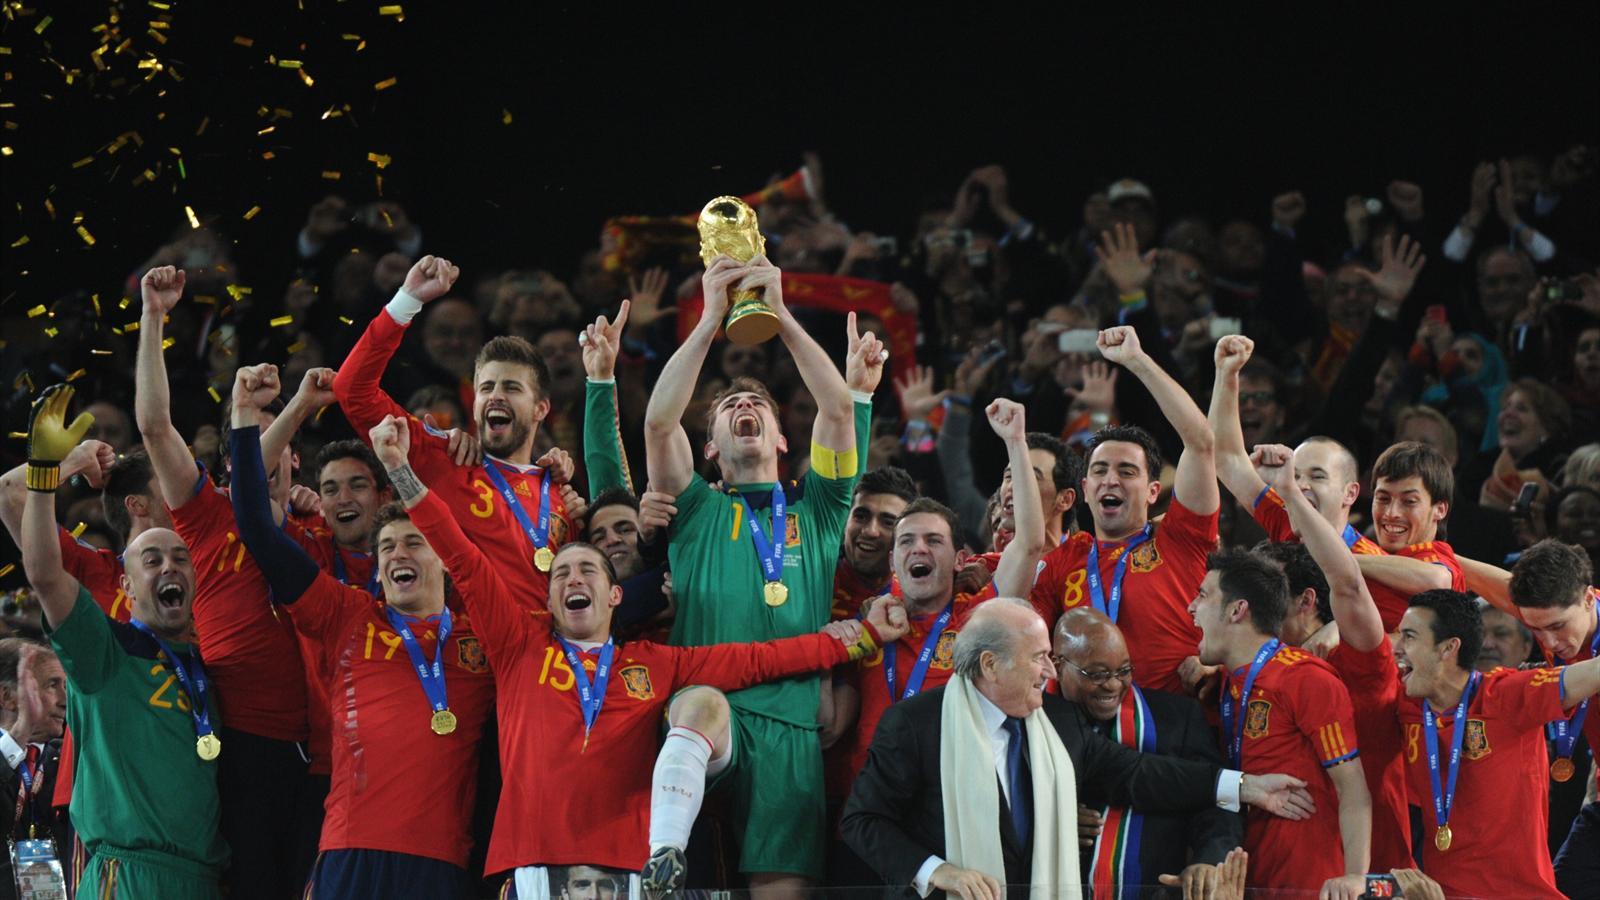 Coupe du monde 2010 la r tro victoire de l espagne en afrique du sud coupe du monde 2014 - Coupe du monde espagne 2014 ...